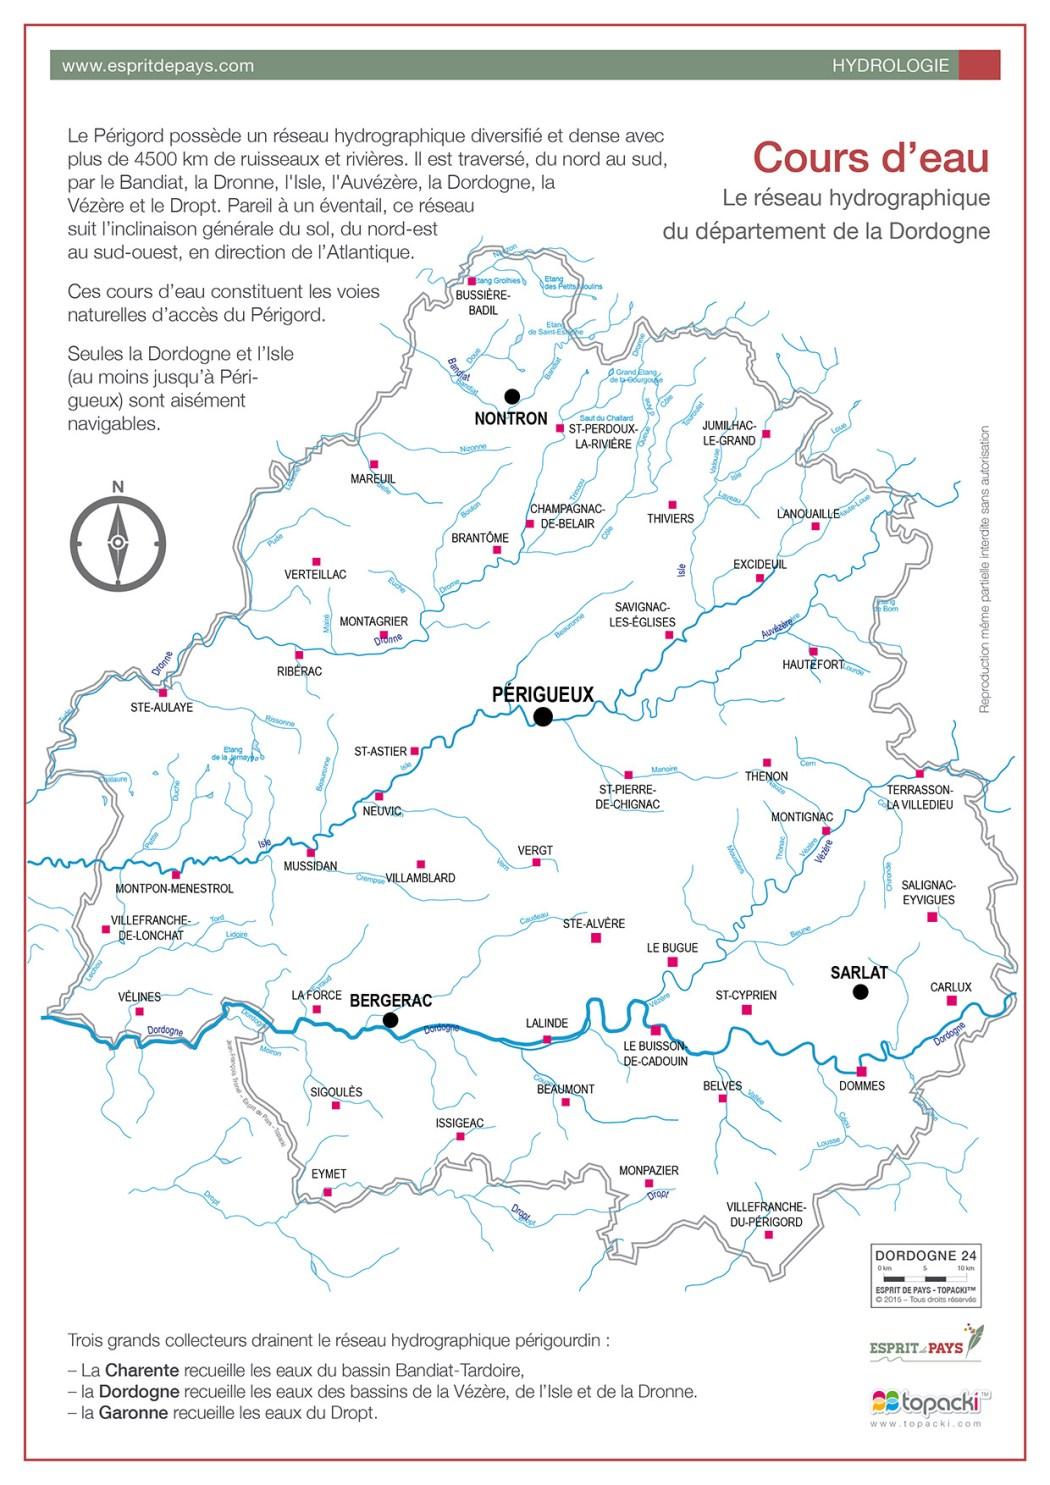 L'Hydrologie du département de la Dordogne-Périgord